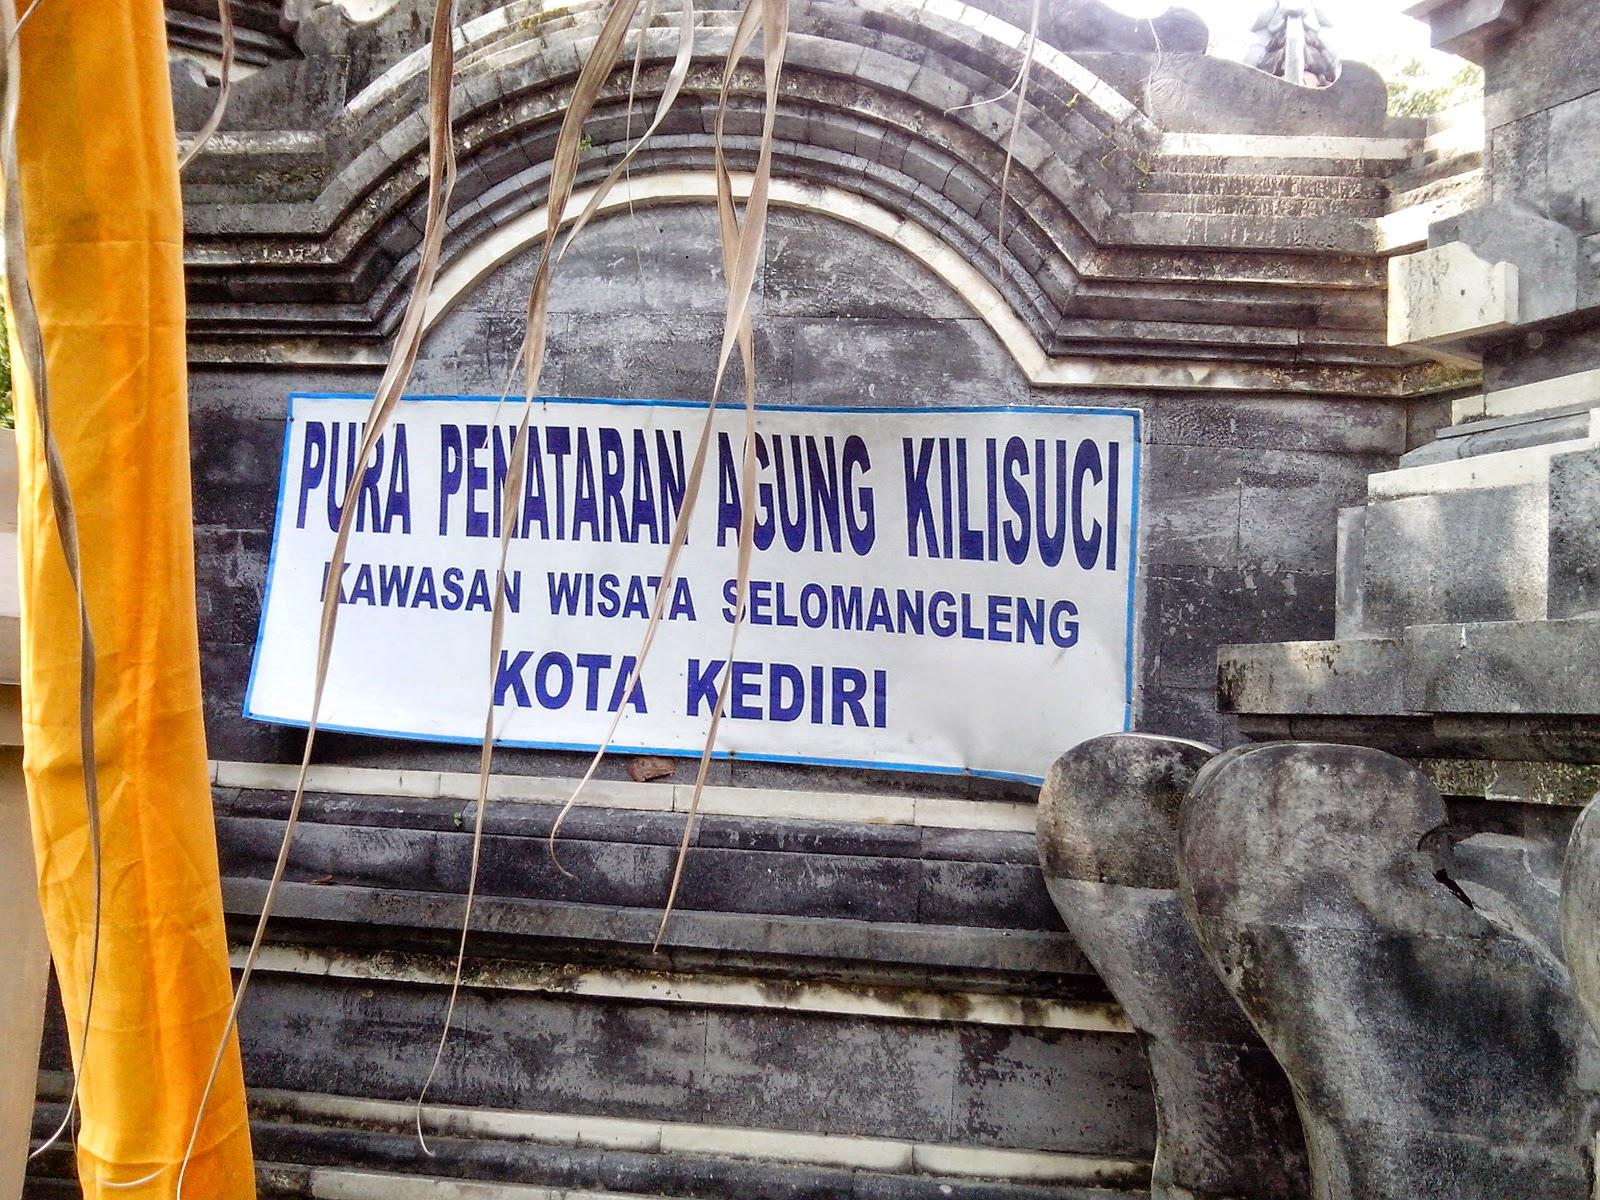 Wisata Sejarah Goa Selo Mangleng Kediri Negara Pura Penataran Agung